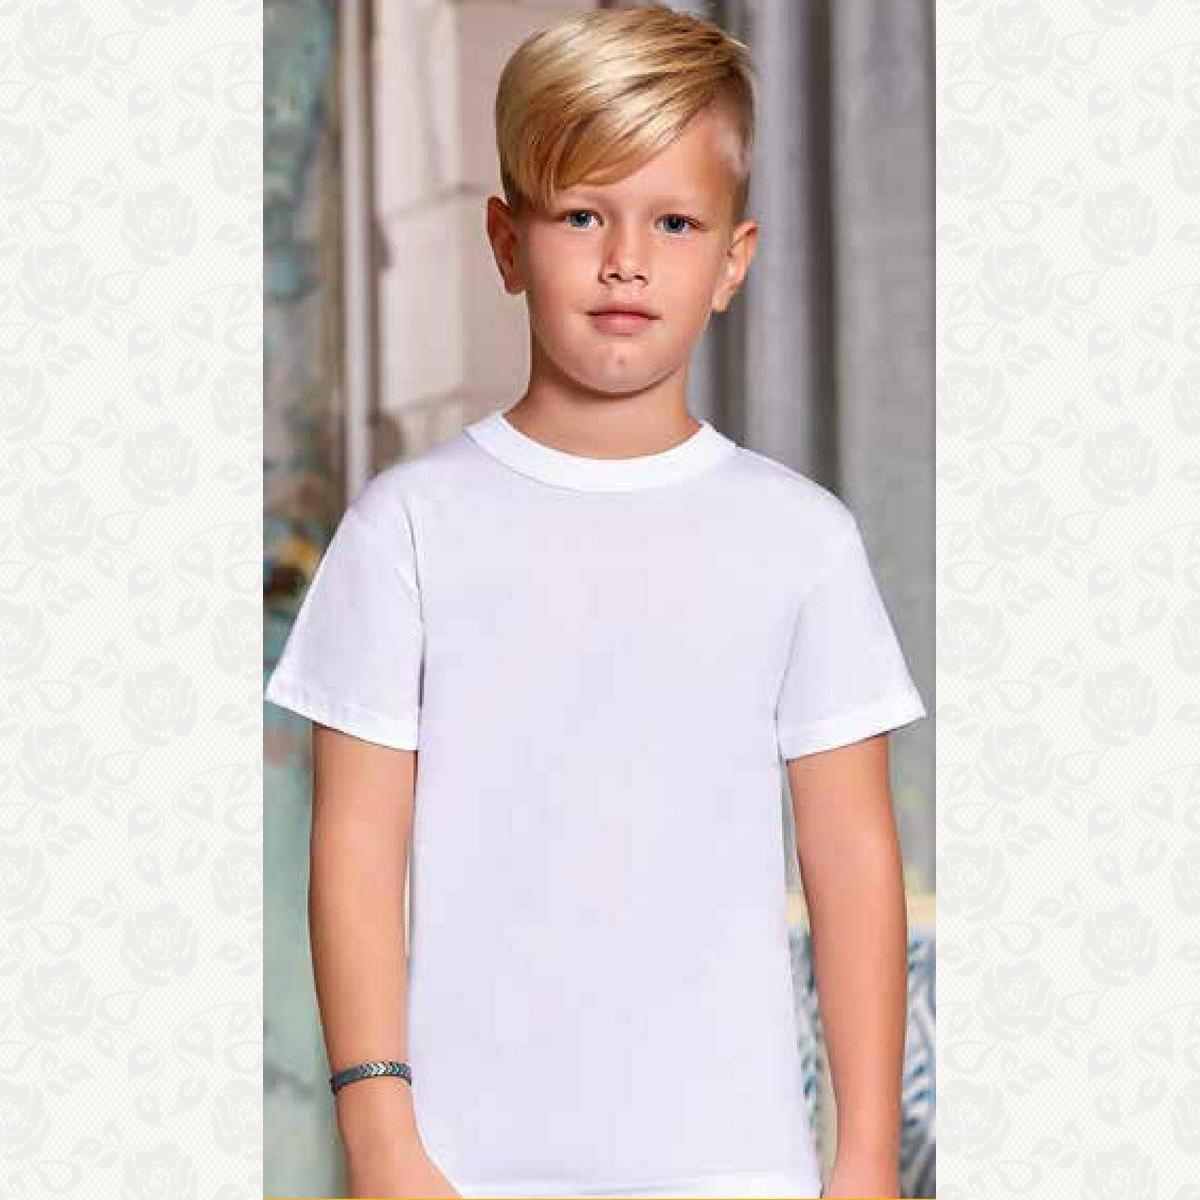 Футболка для мальчика размер от 1 до 4, цвет белый, 6 шт.